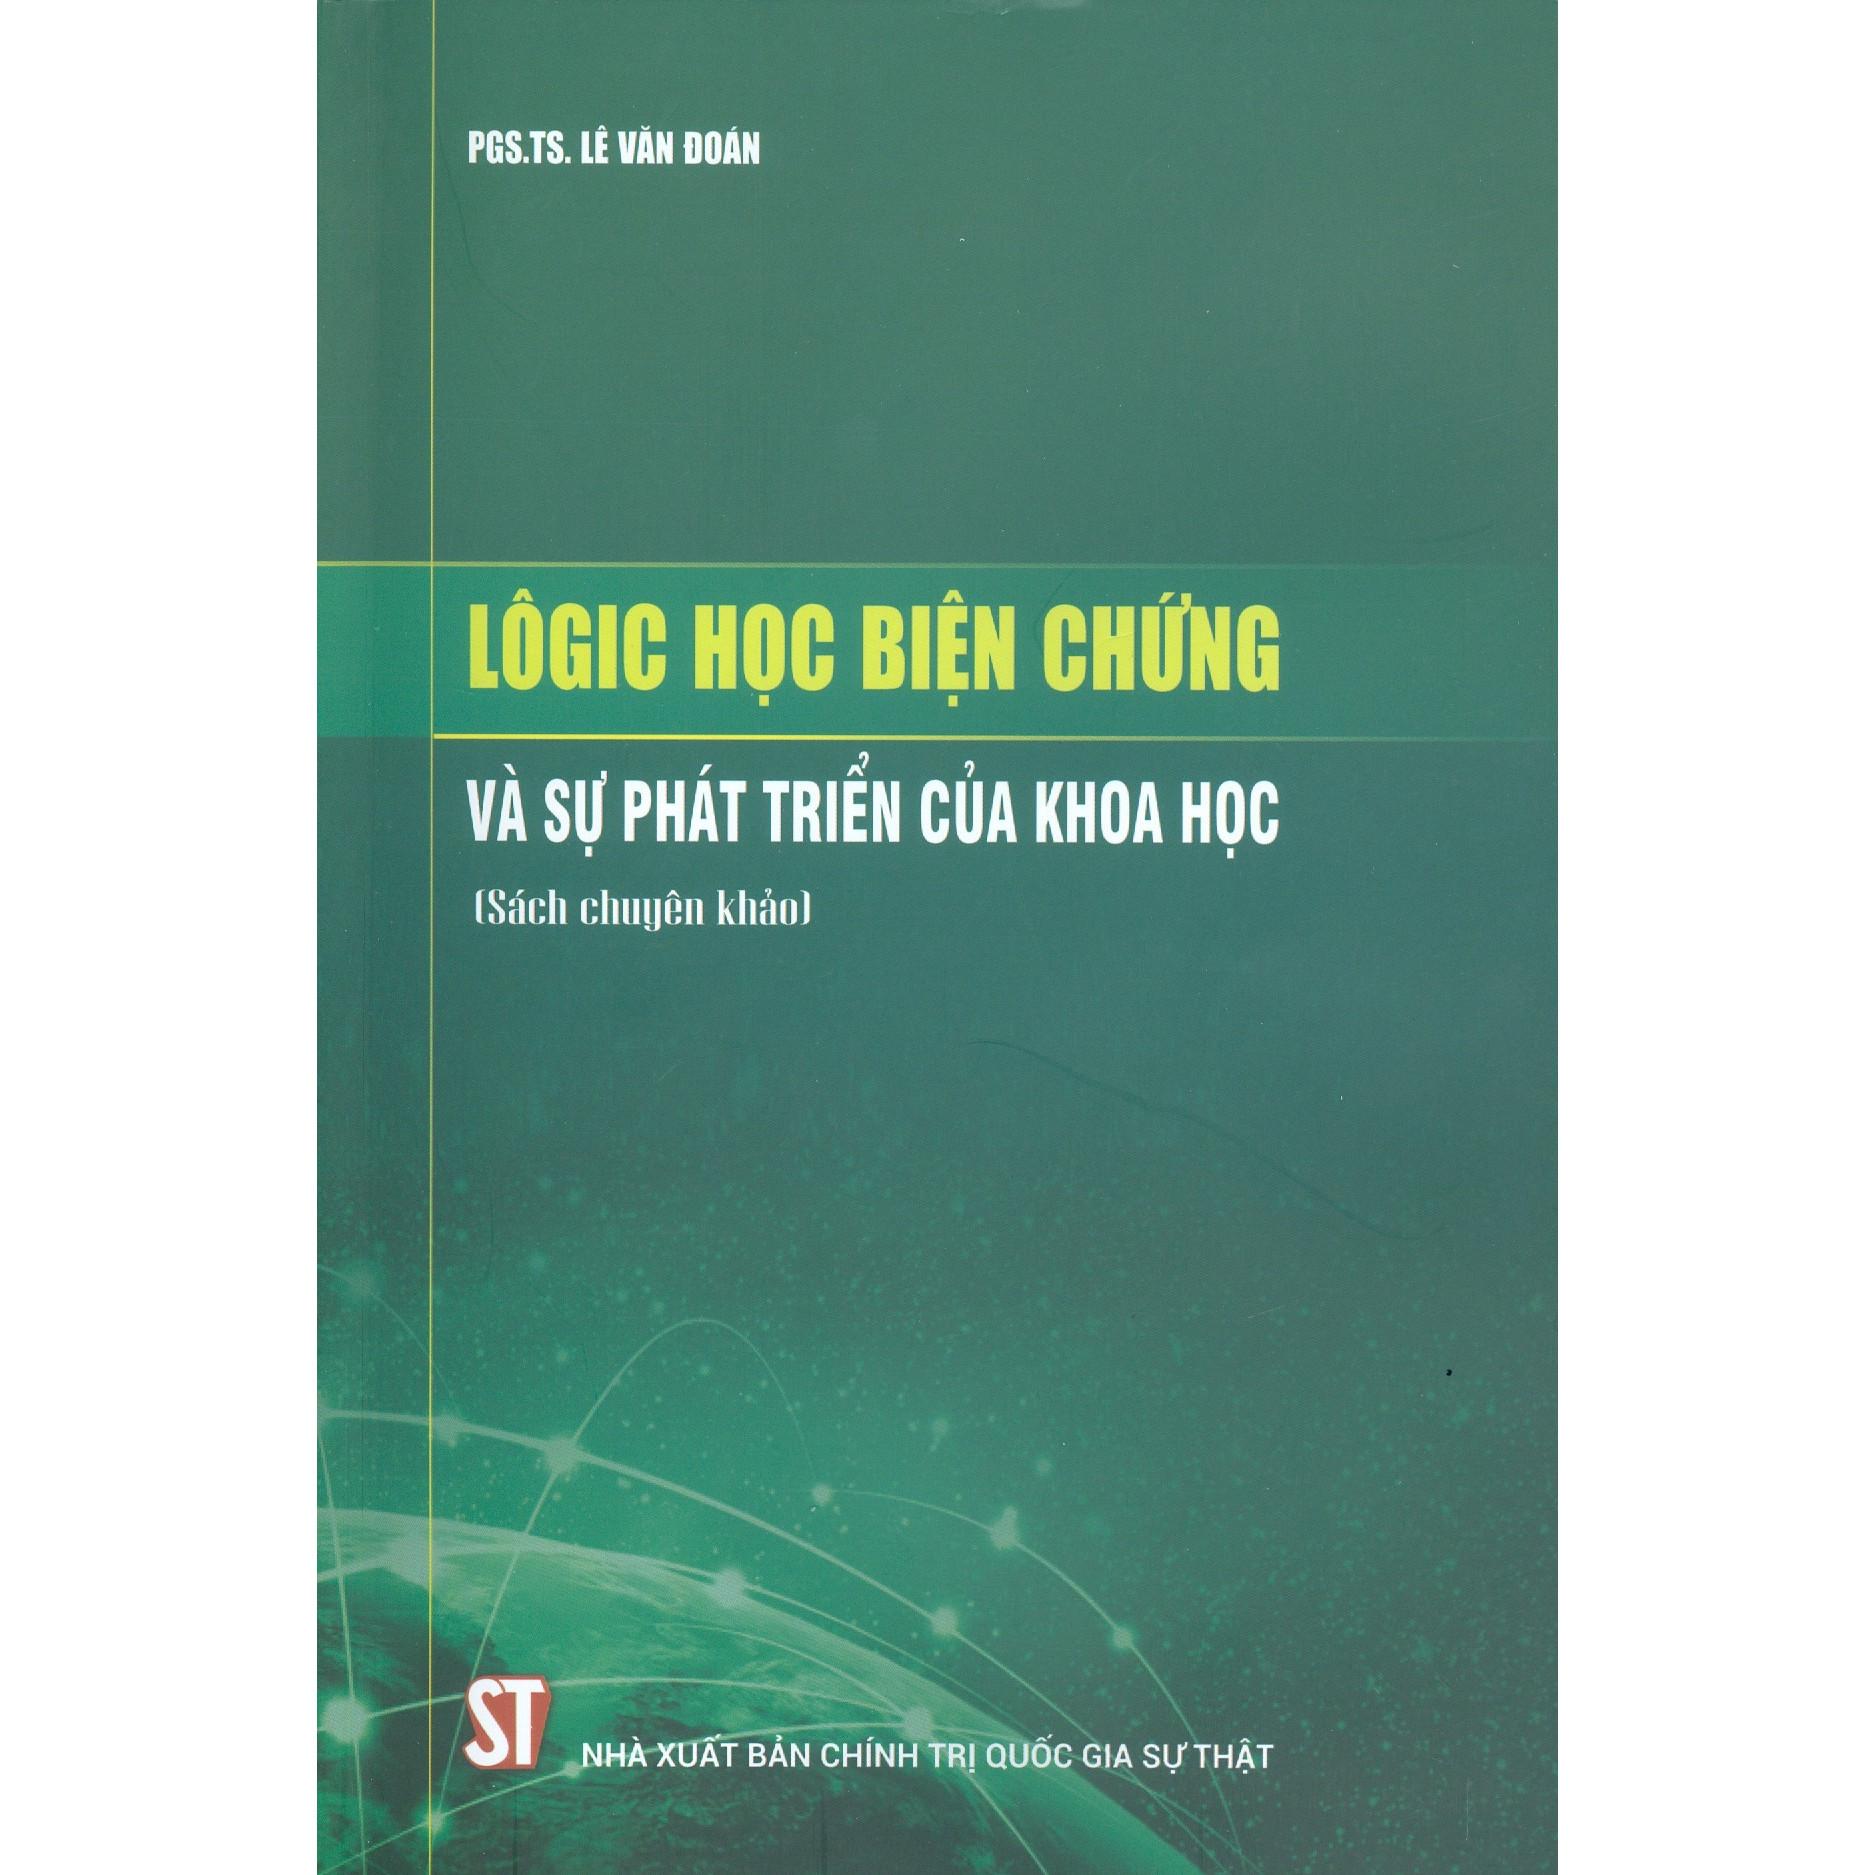 Lôgic Học Biện Chứng Và Sự Phát Triển Của Khoa Học (Sách Chuyên Khảo)